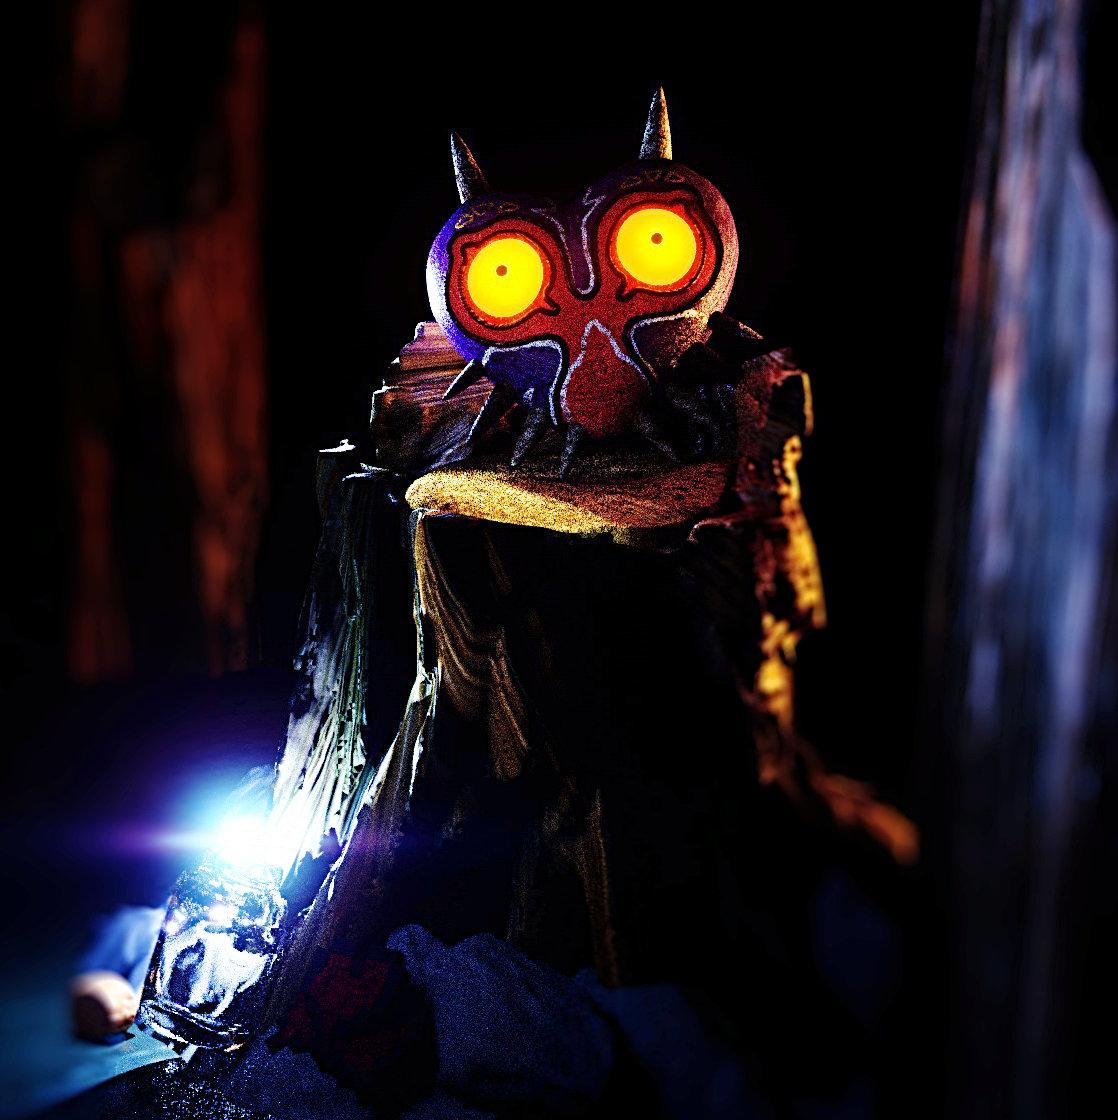 VR Everyday #59 - Legend of Zelda Majoras Mask N64 Virtual